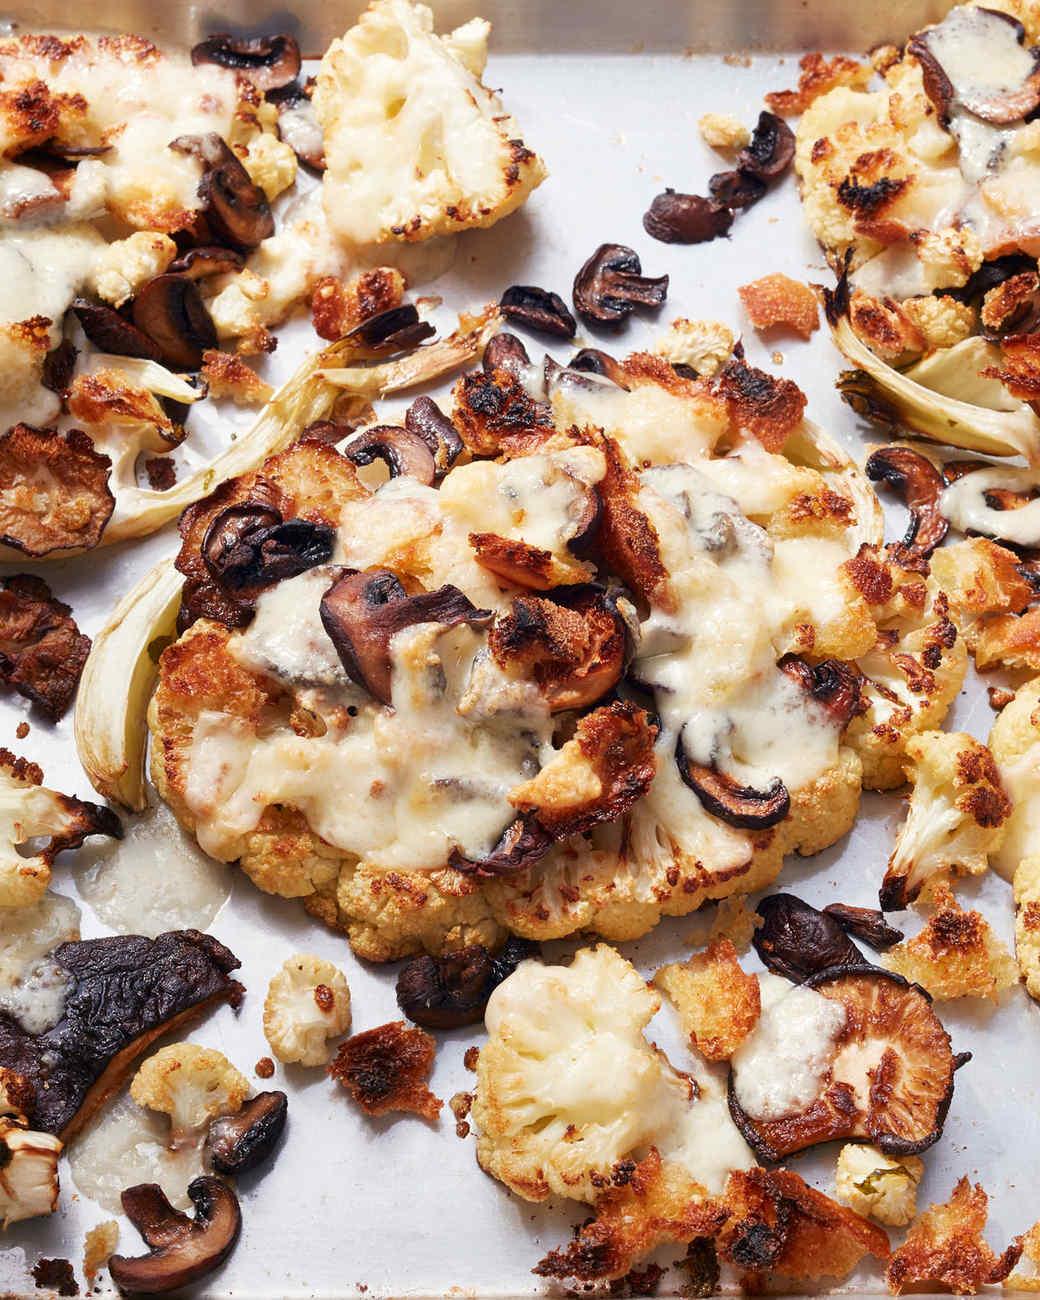 roasted-cauliflower-and-mushrooms-065-master-d113081.jpg